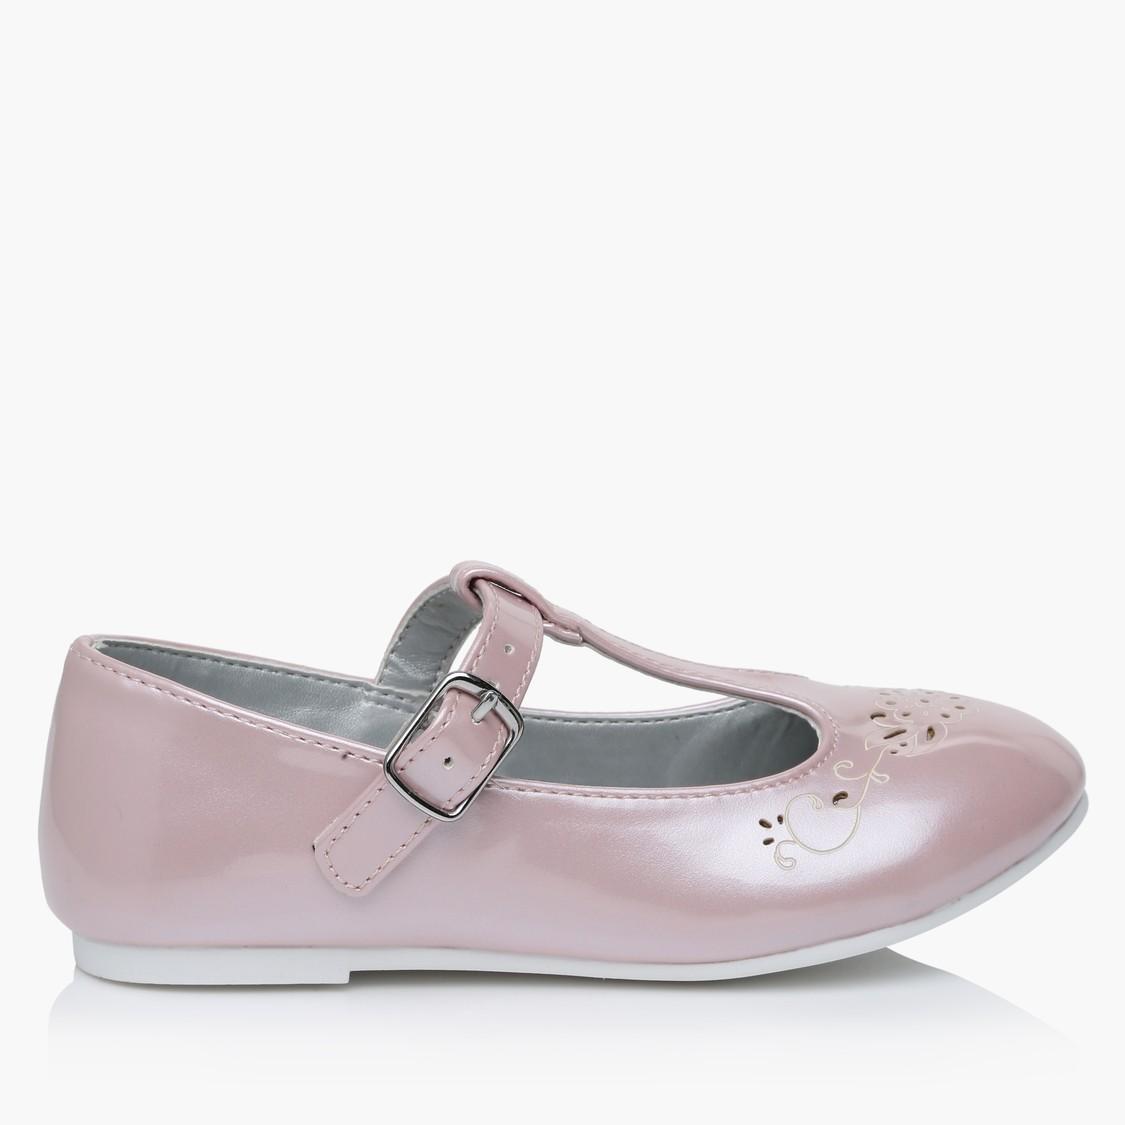 حذاء سهل الارتداء بإبزيم للإغلاق من ماري جين